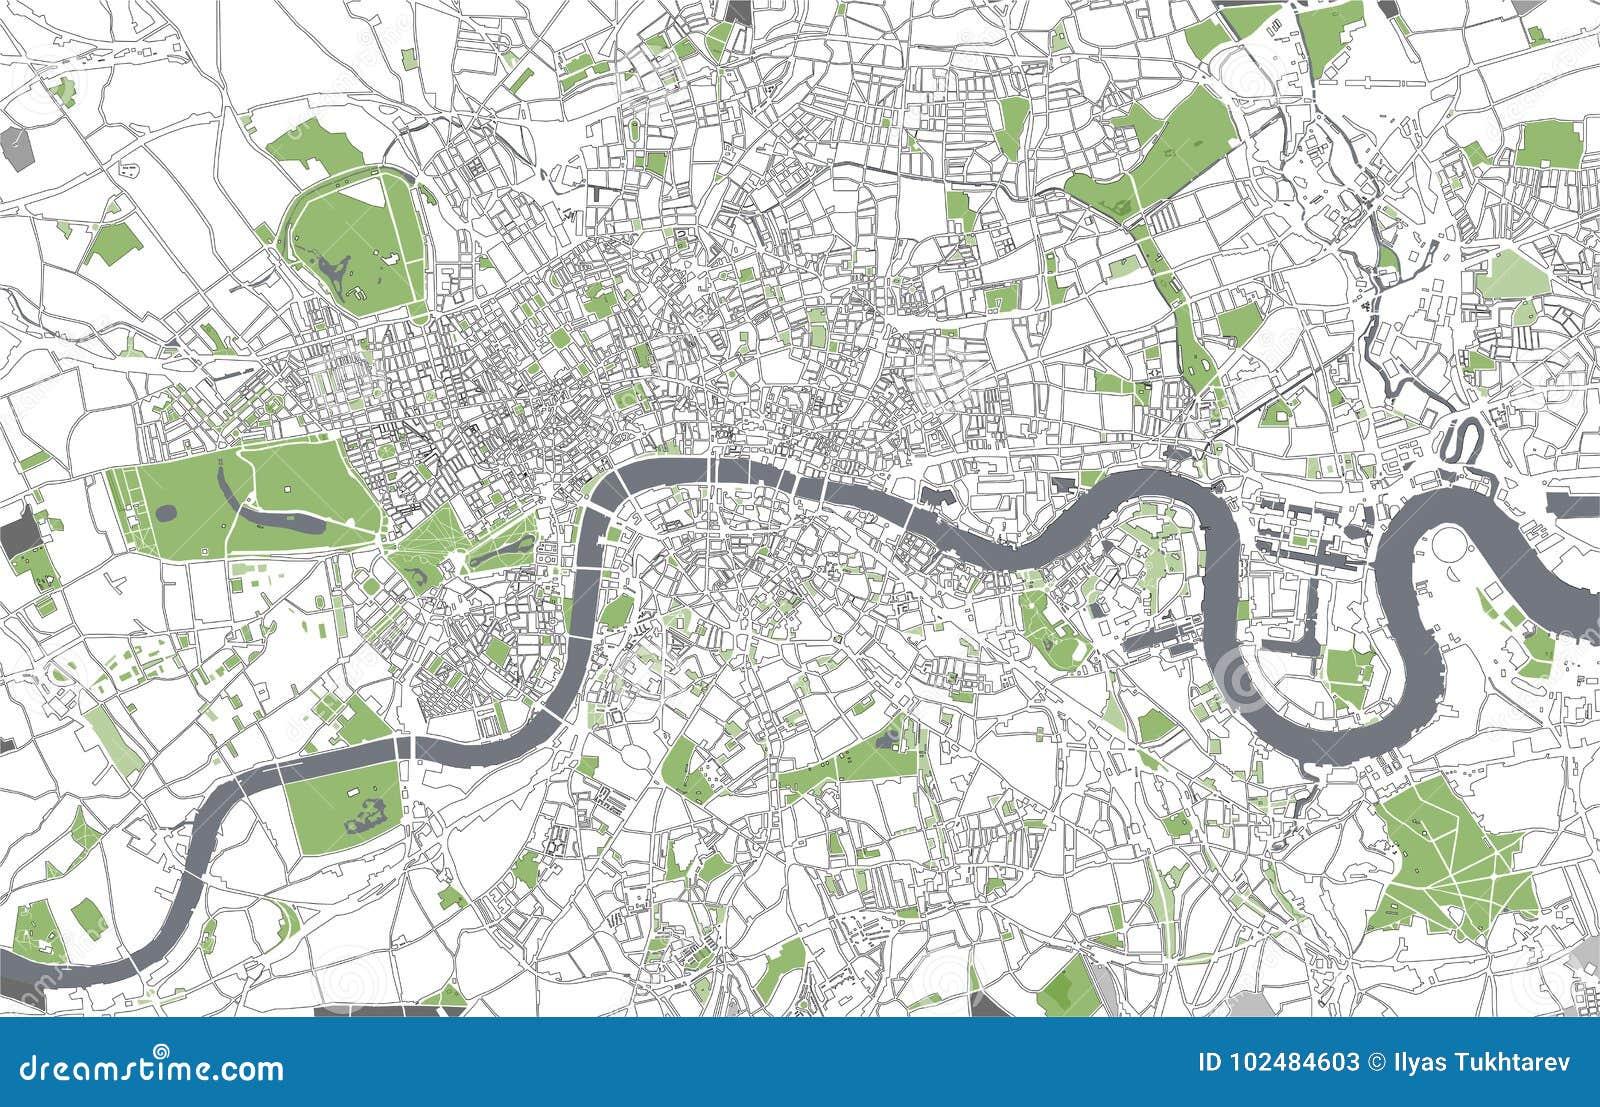 Karte London.Karte Der Stadt Von London Großbritannien Stock Abbildung